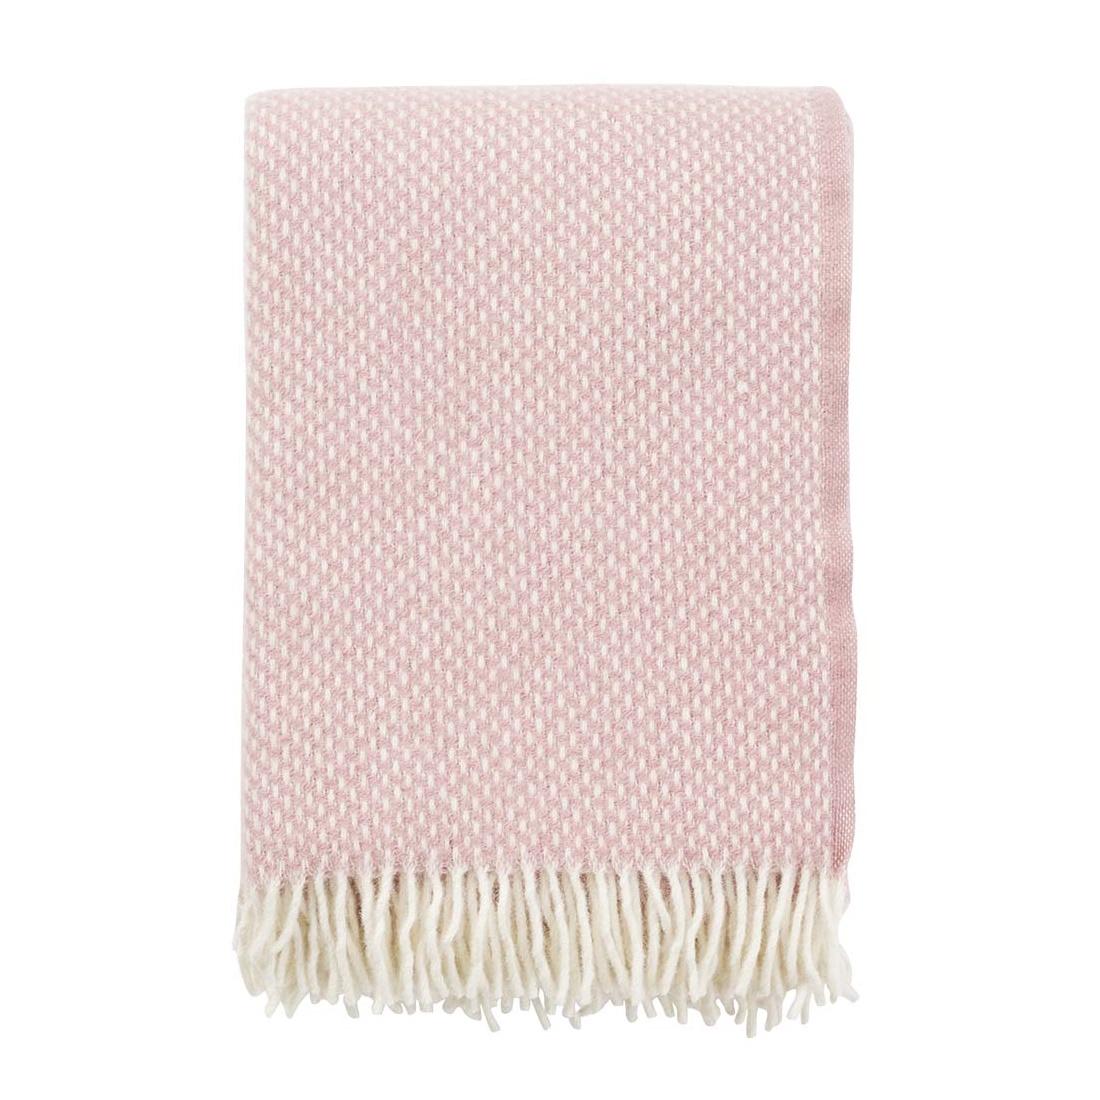 PREPPY pläd lammull rosa, Klippan Yllefabrik